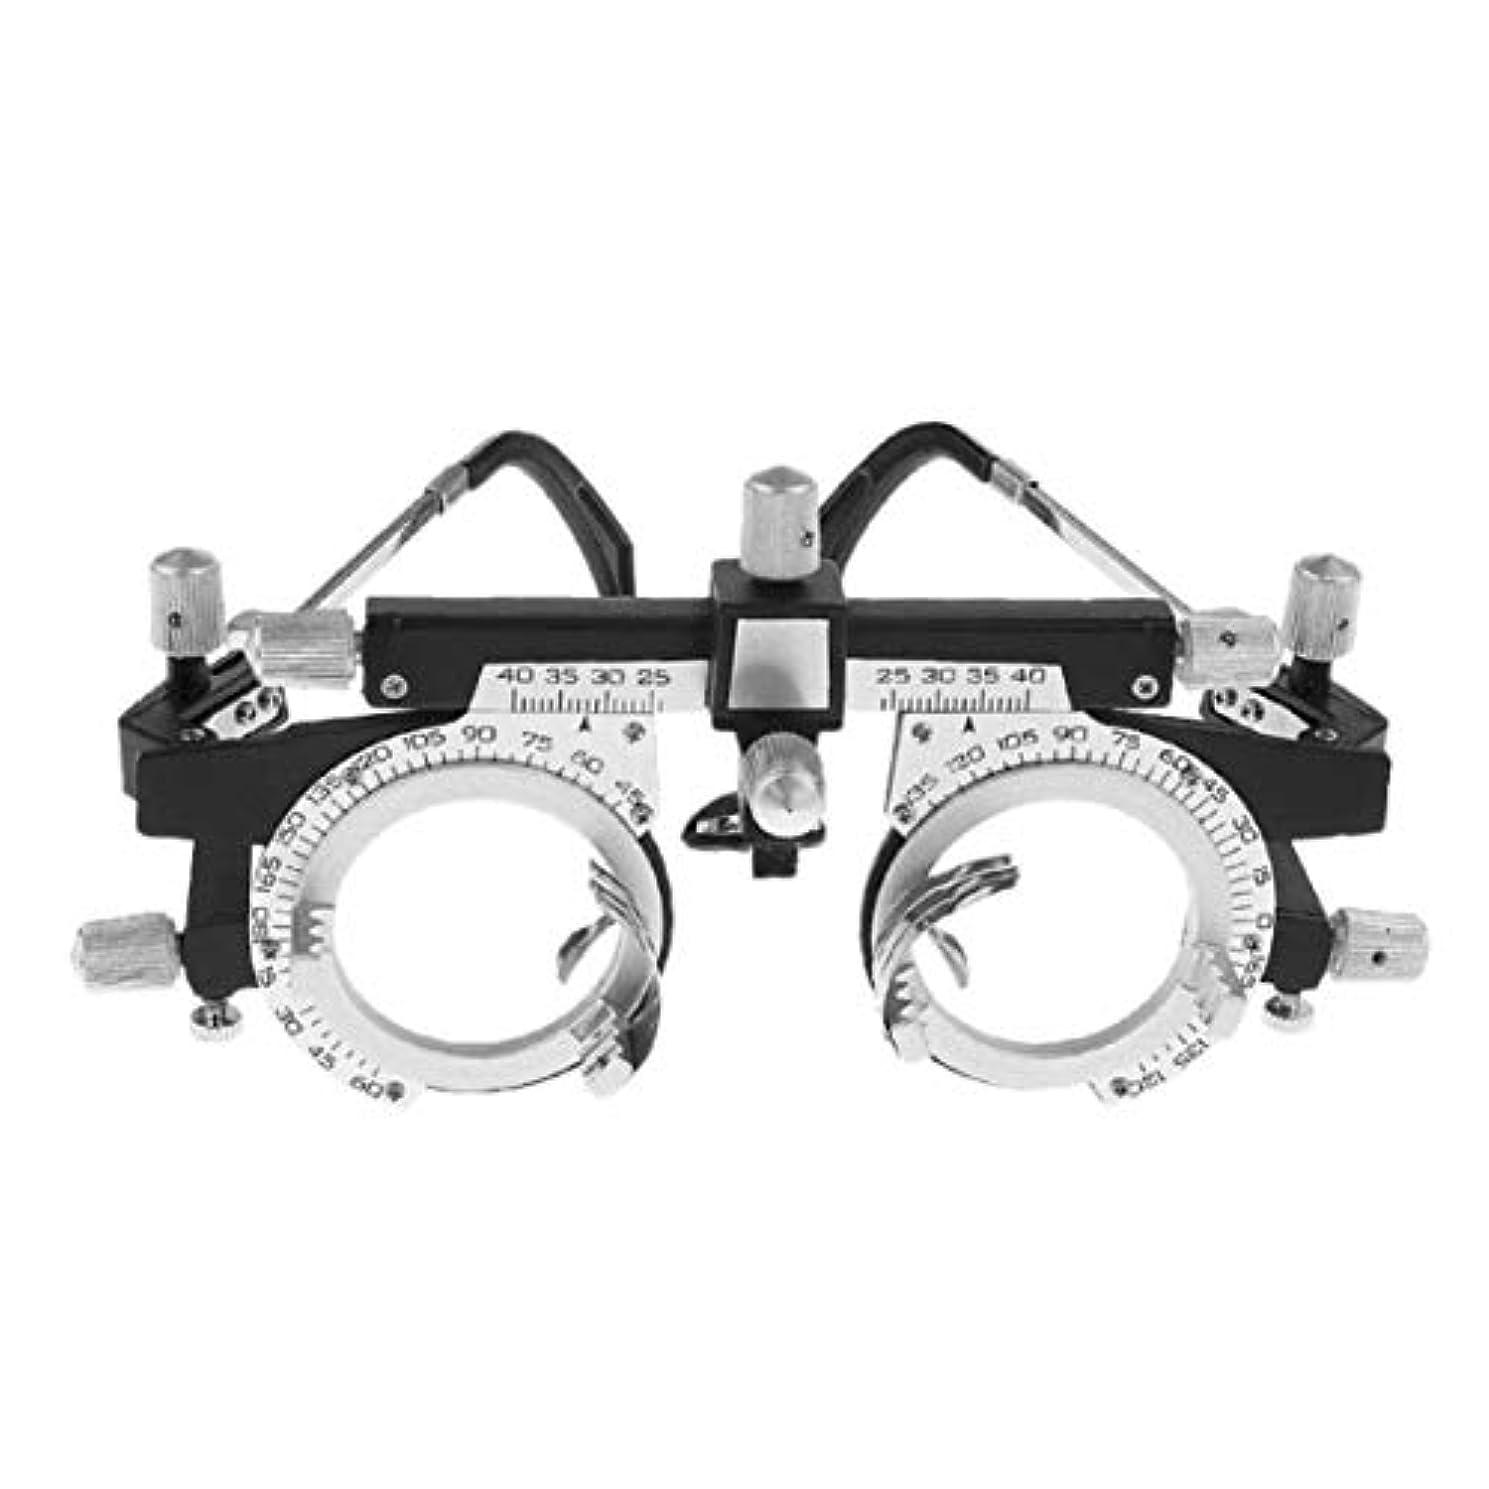 領事館保持自我調節可能なプロフェッショナルアイウェア検眼メタルフレーム光学オプティクストライアルレンズメタルフレームPDメガネアクセサリー - シルバー&ブラック